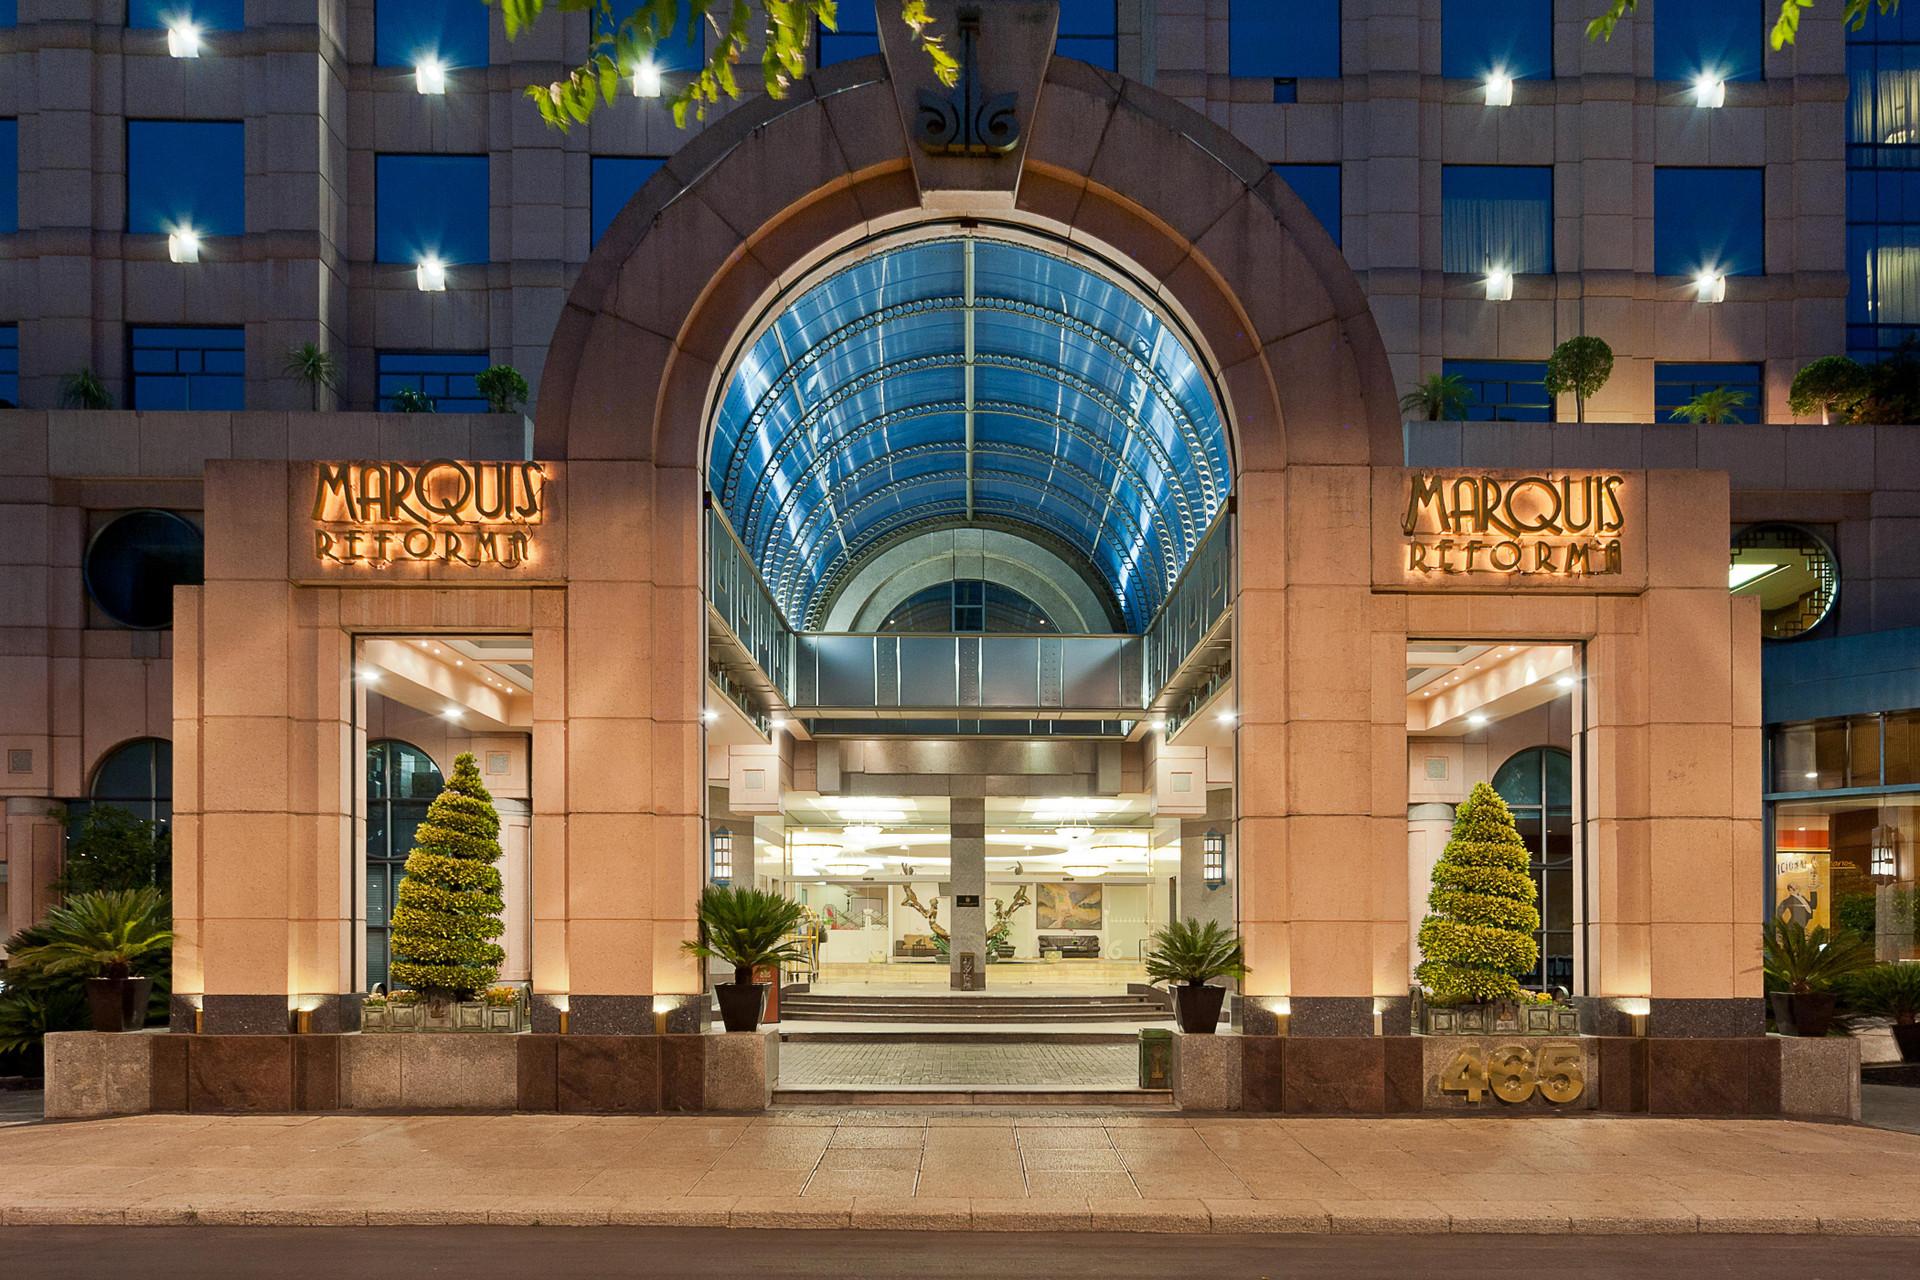 Hotel en México Marquis Reforma